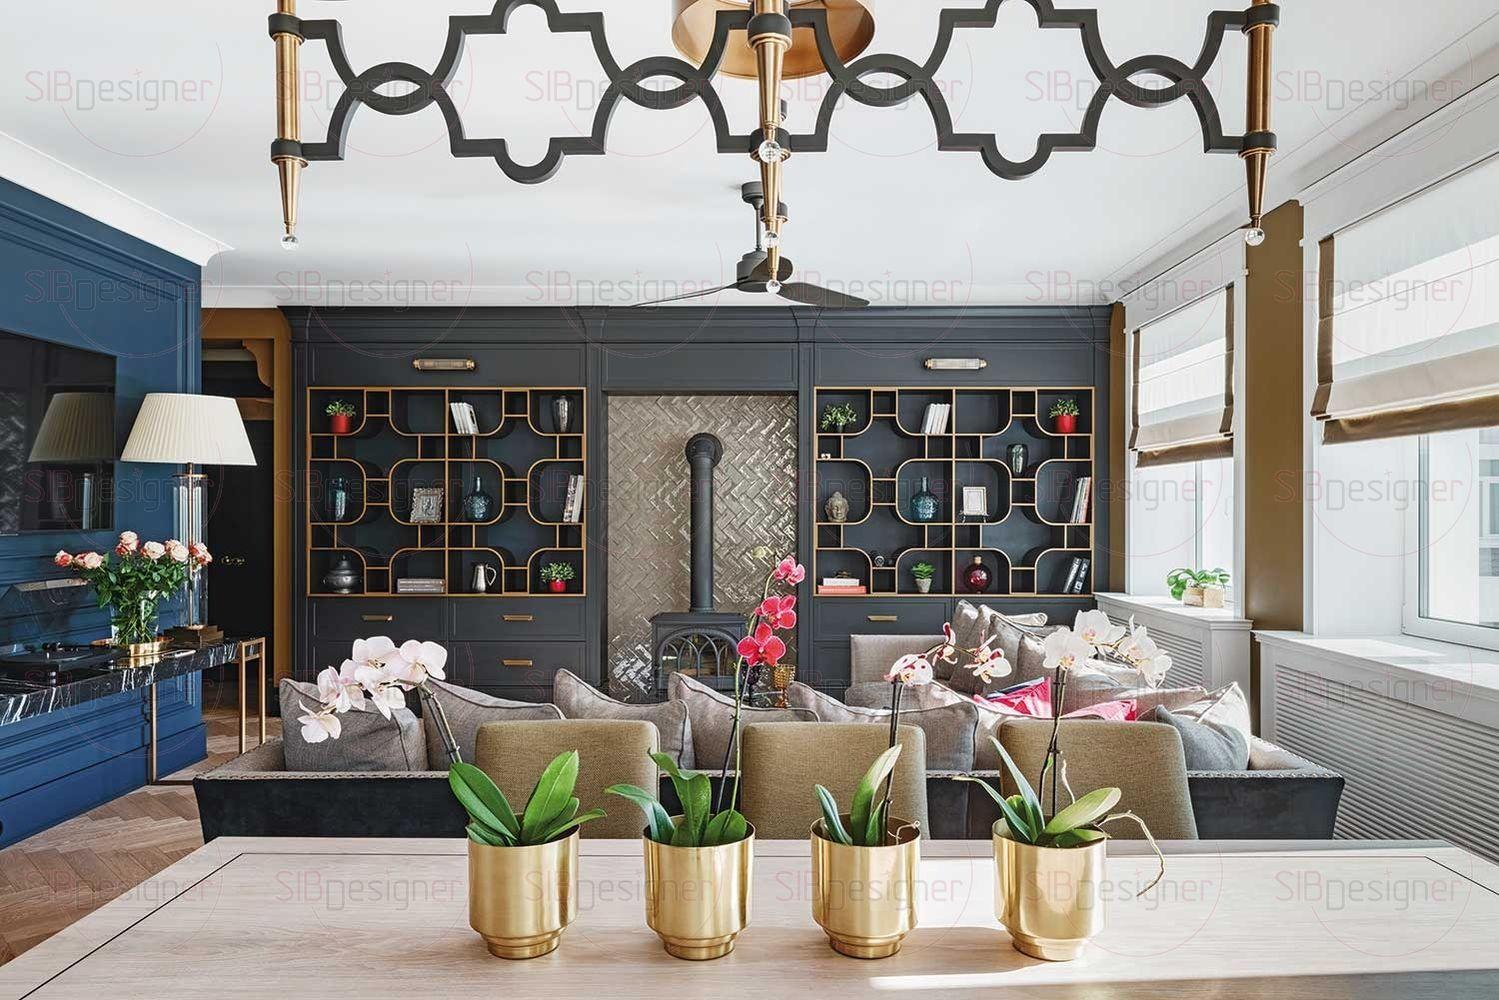 Обширная гостиная плавно переходит в светлую кухню. Столешница кухонных шкафов выполнена из натурального камня.